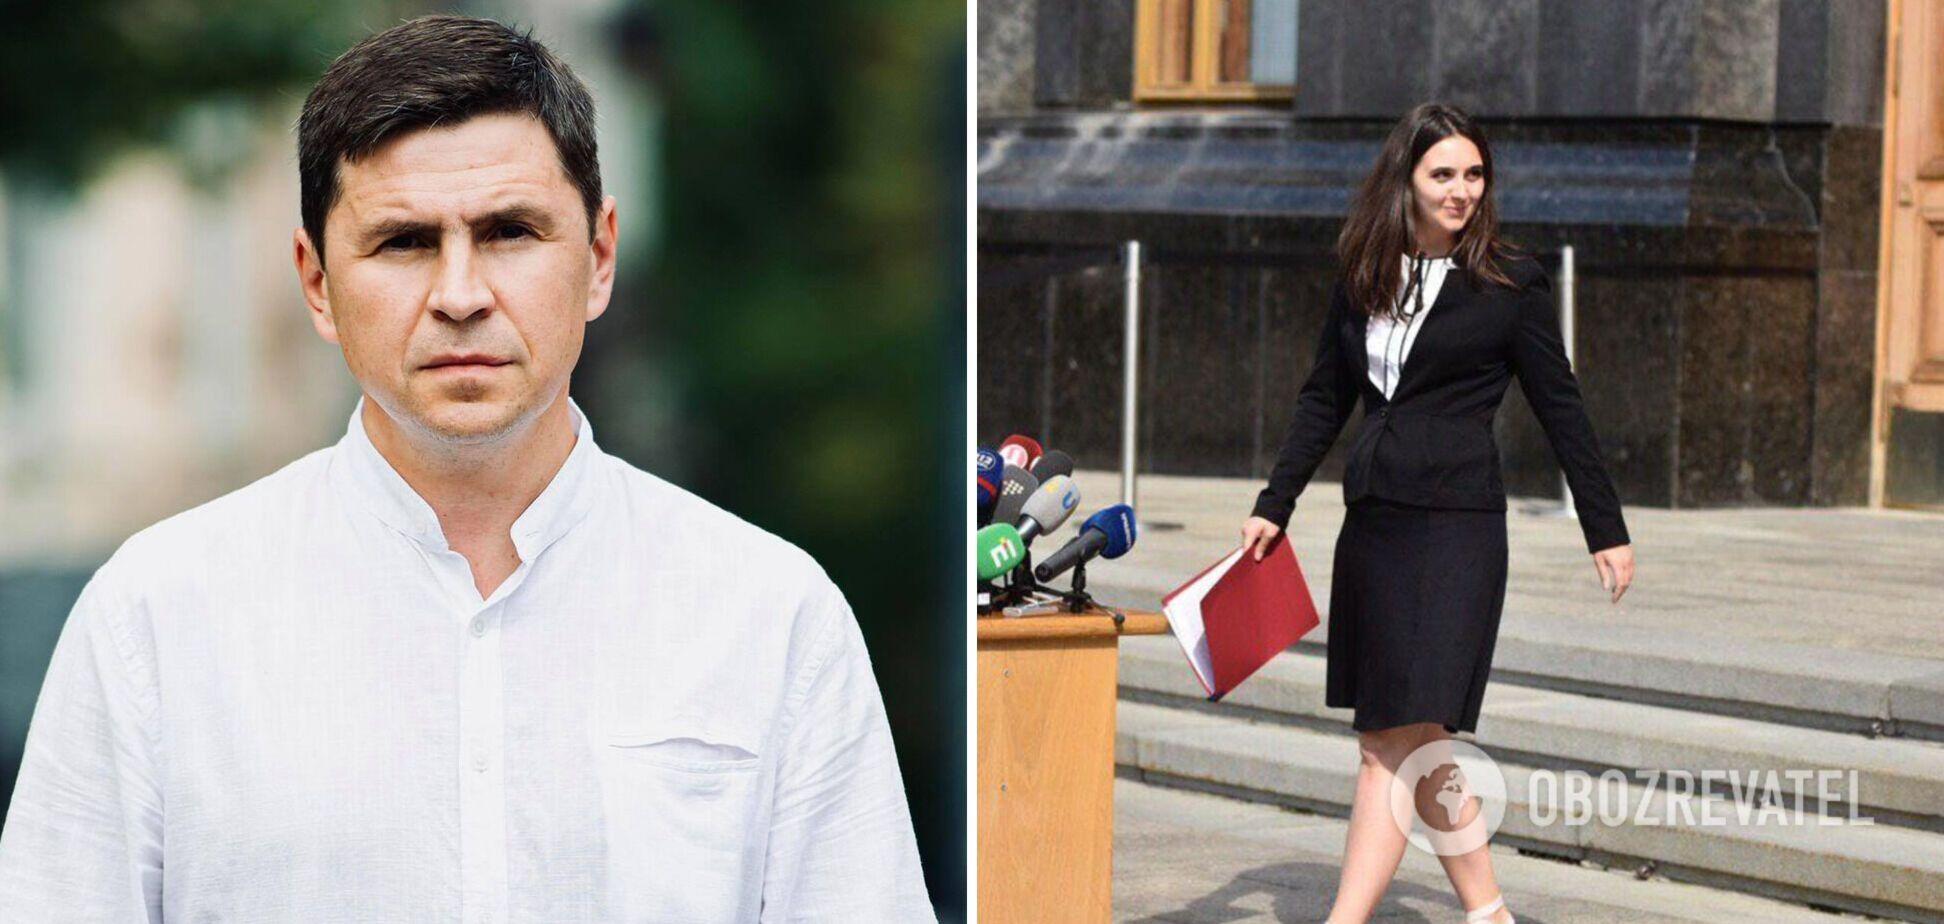 Замену пока не нашли: Мендель продолжает исполнять обязанности пресс-секретаря Зеленского